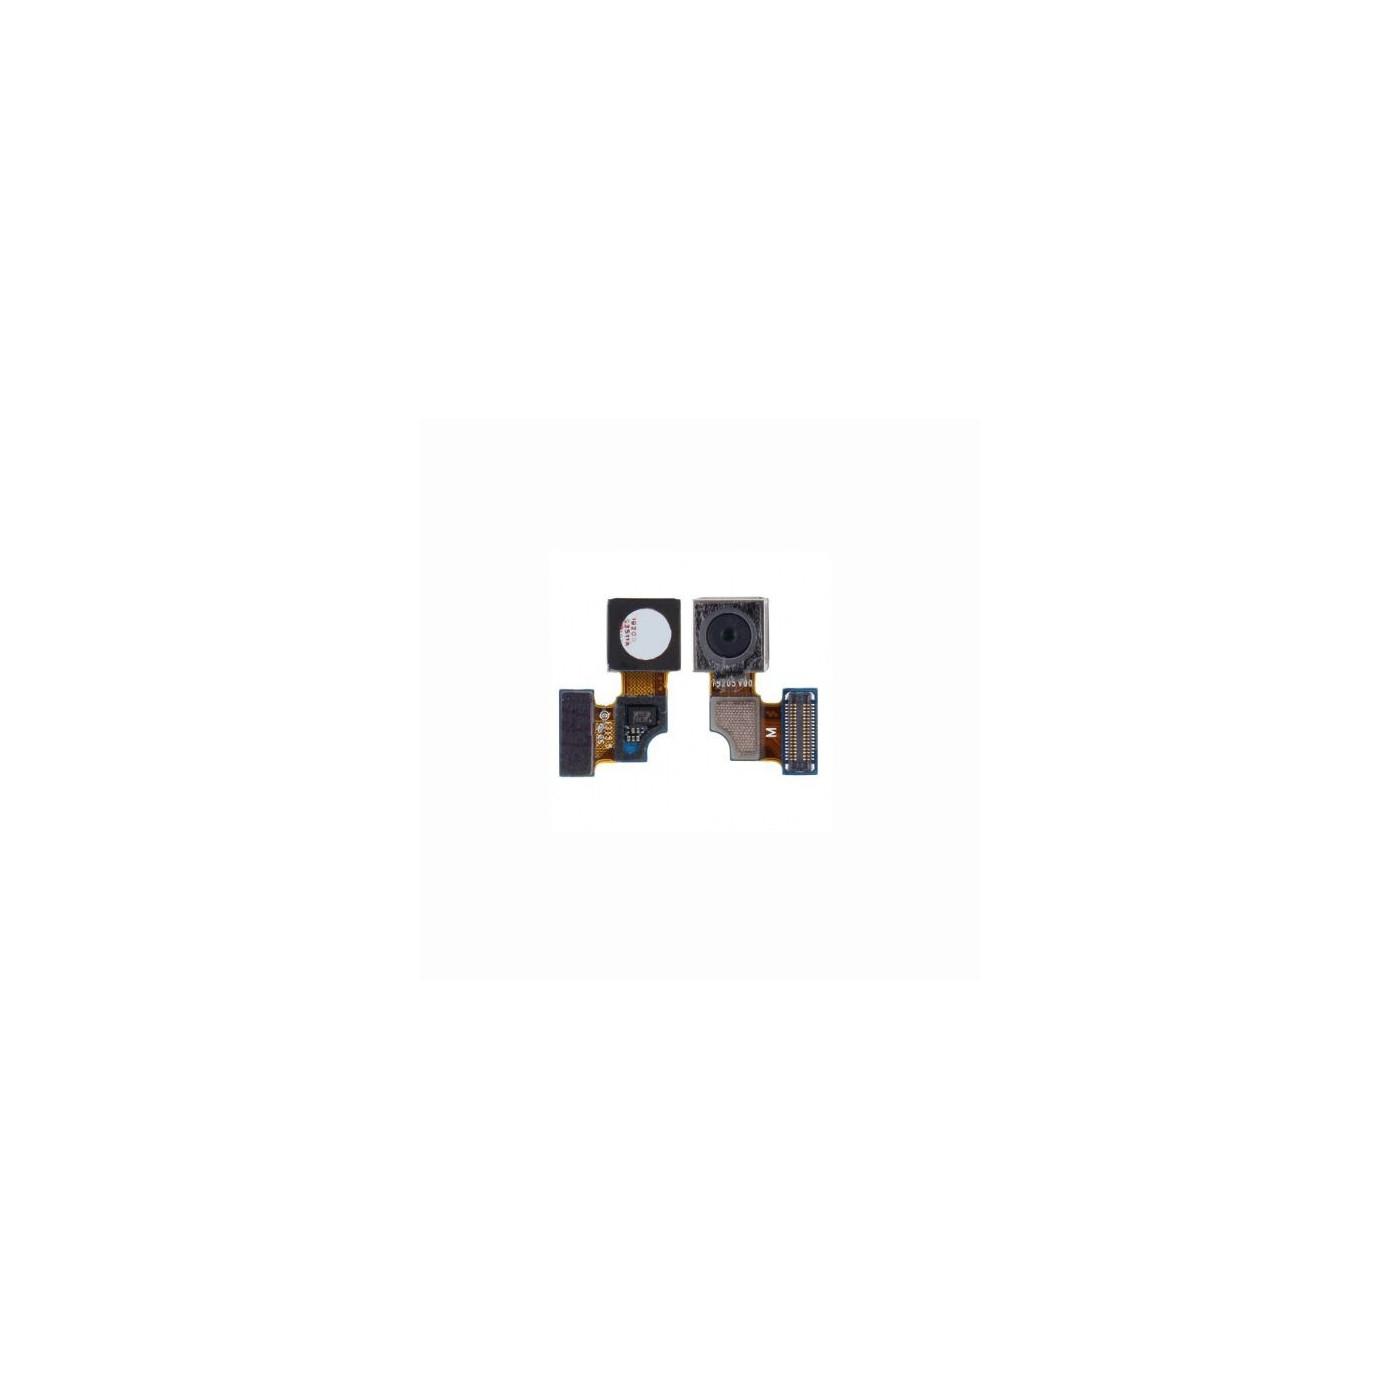 Rückfahrkamera für Samsung Galaxy Mega 6.3 GT-I9200 Flachkamera